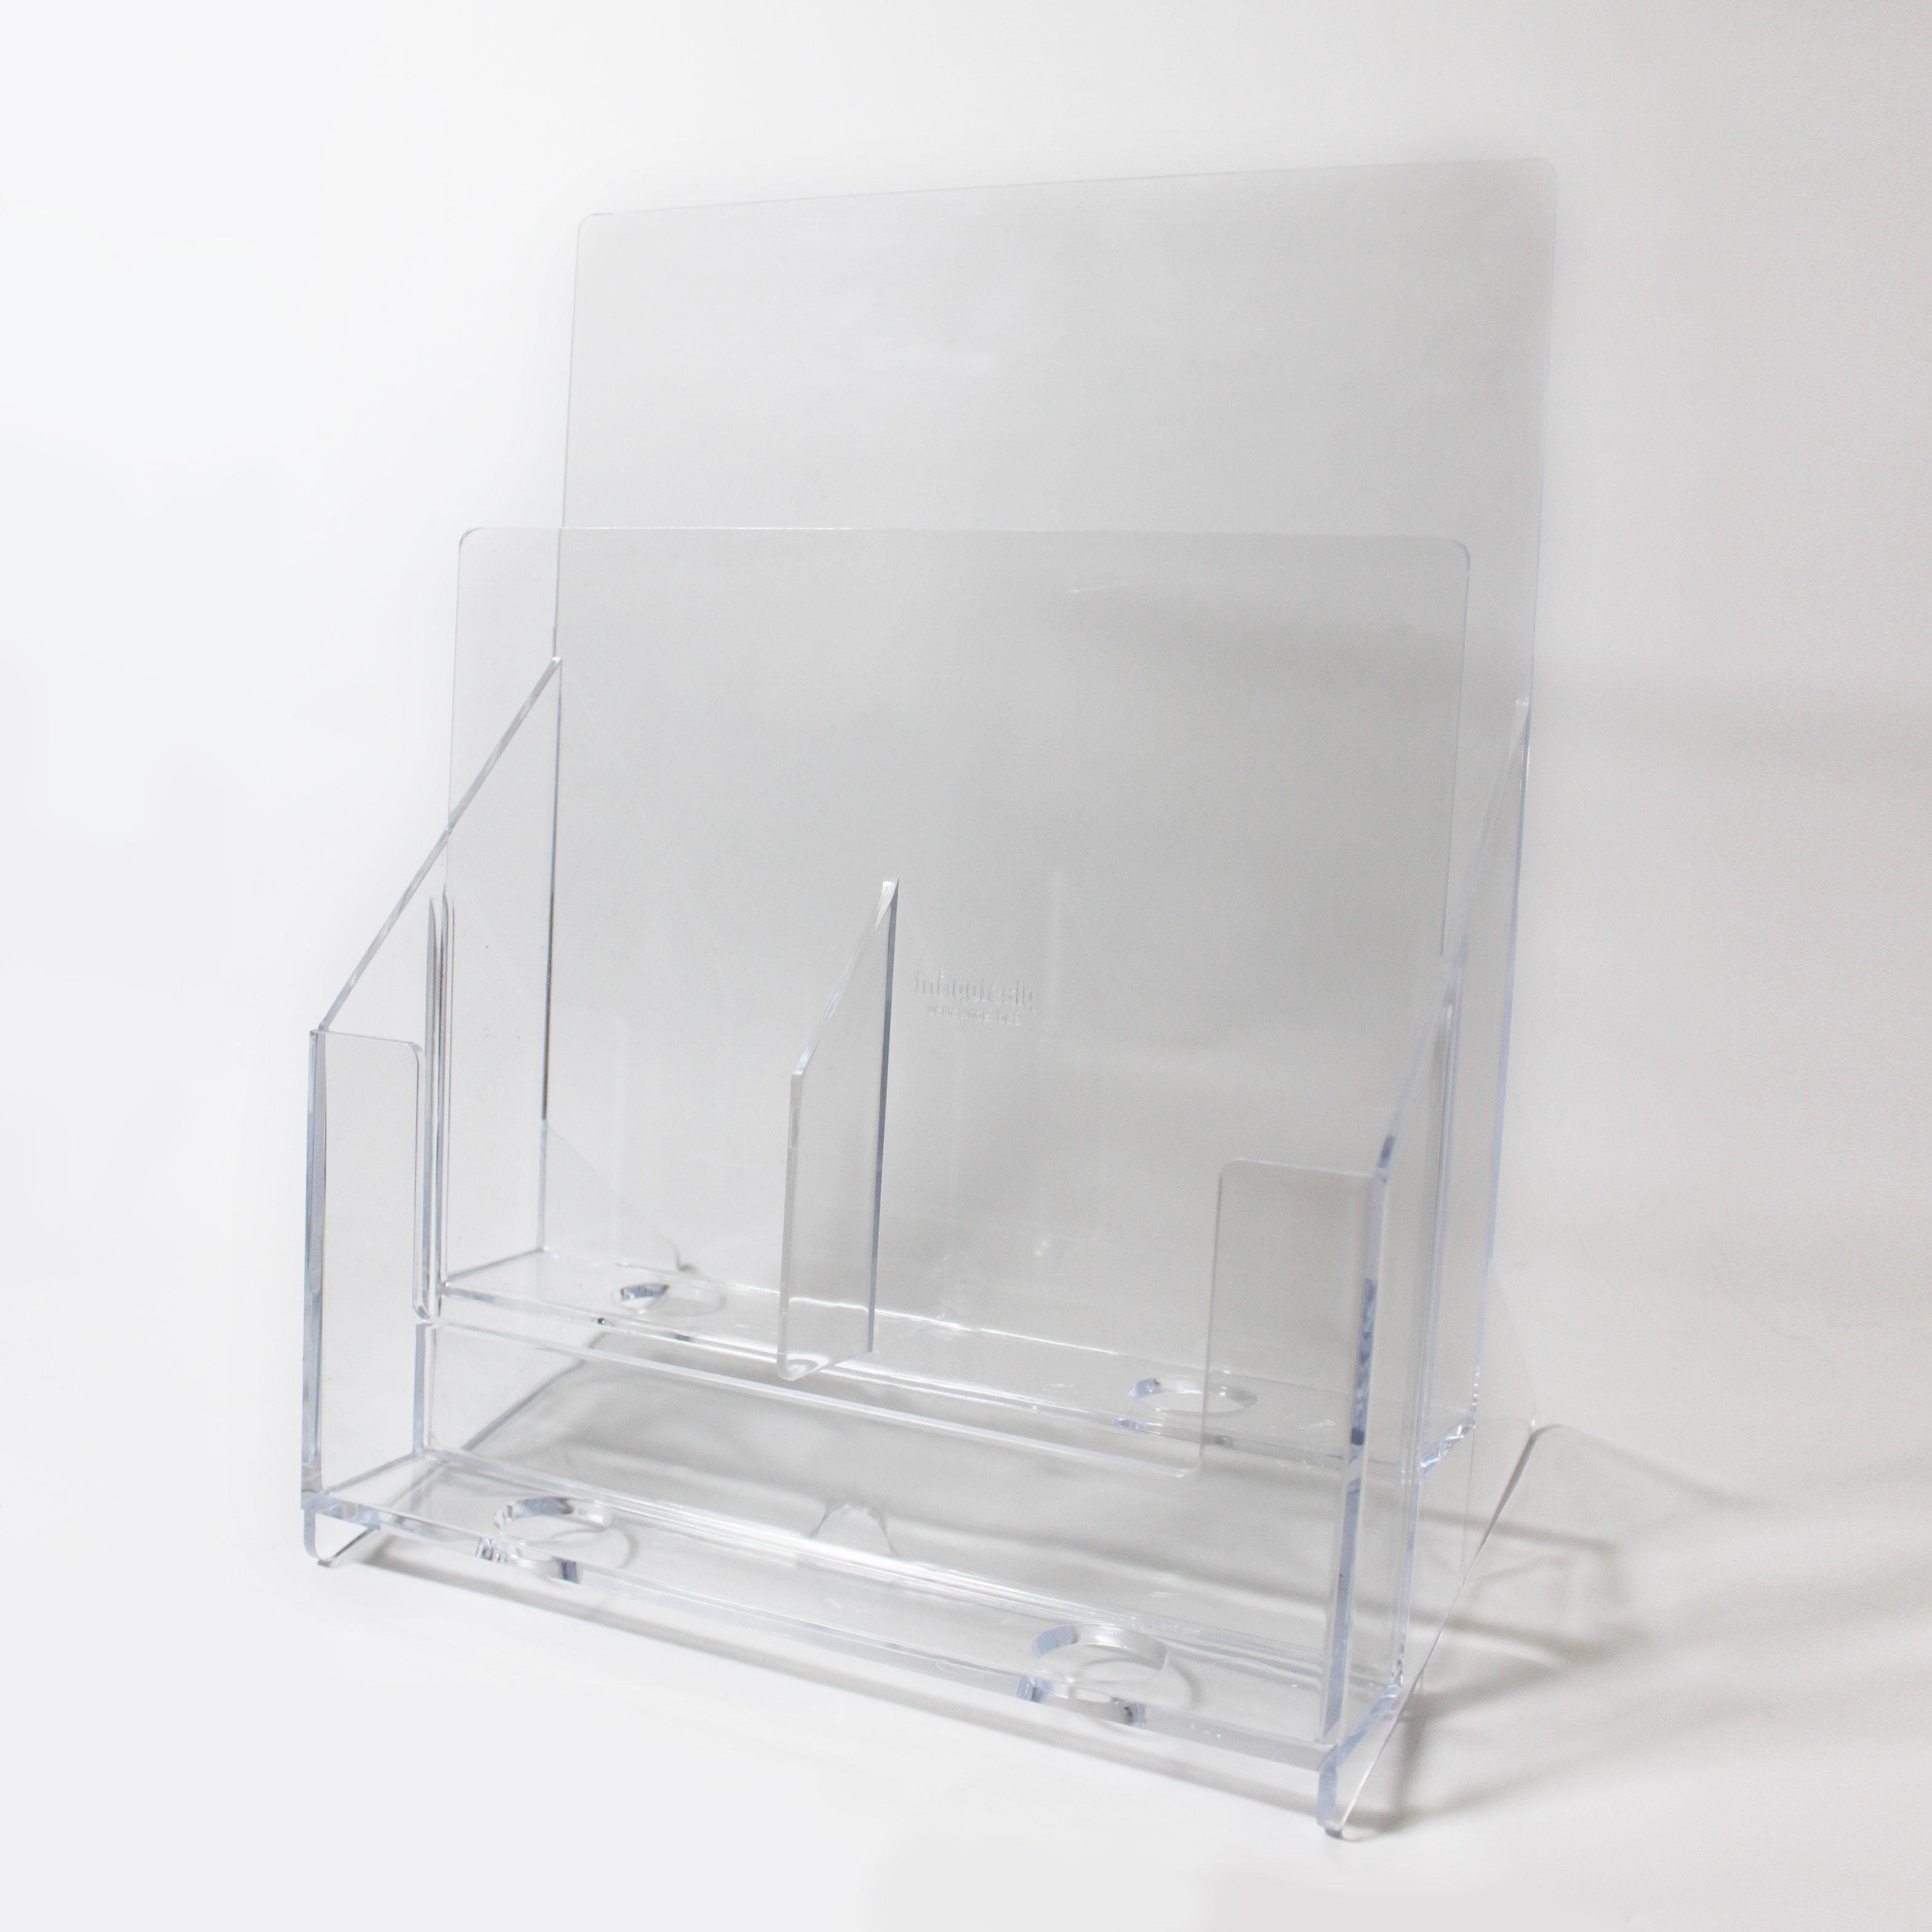 Prospektständer 1 x A4 und 2 x DIN Lang Acryl